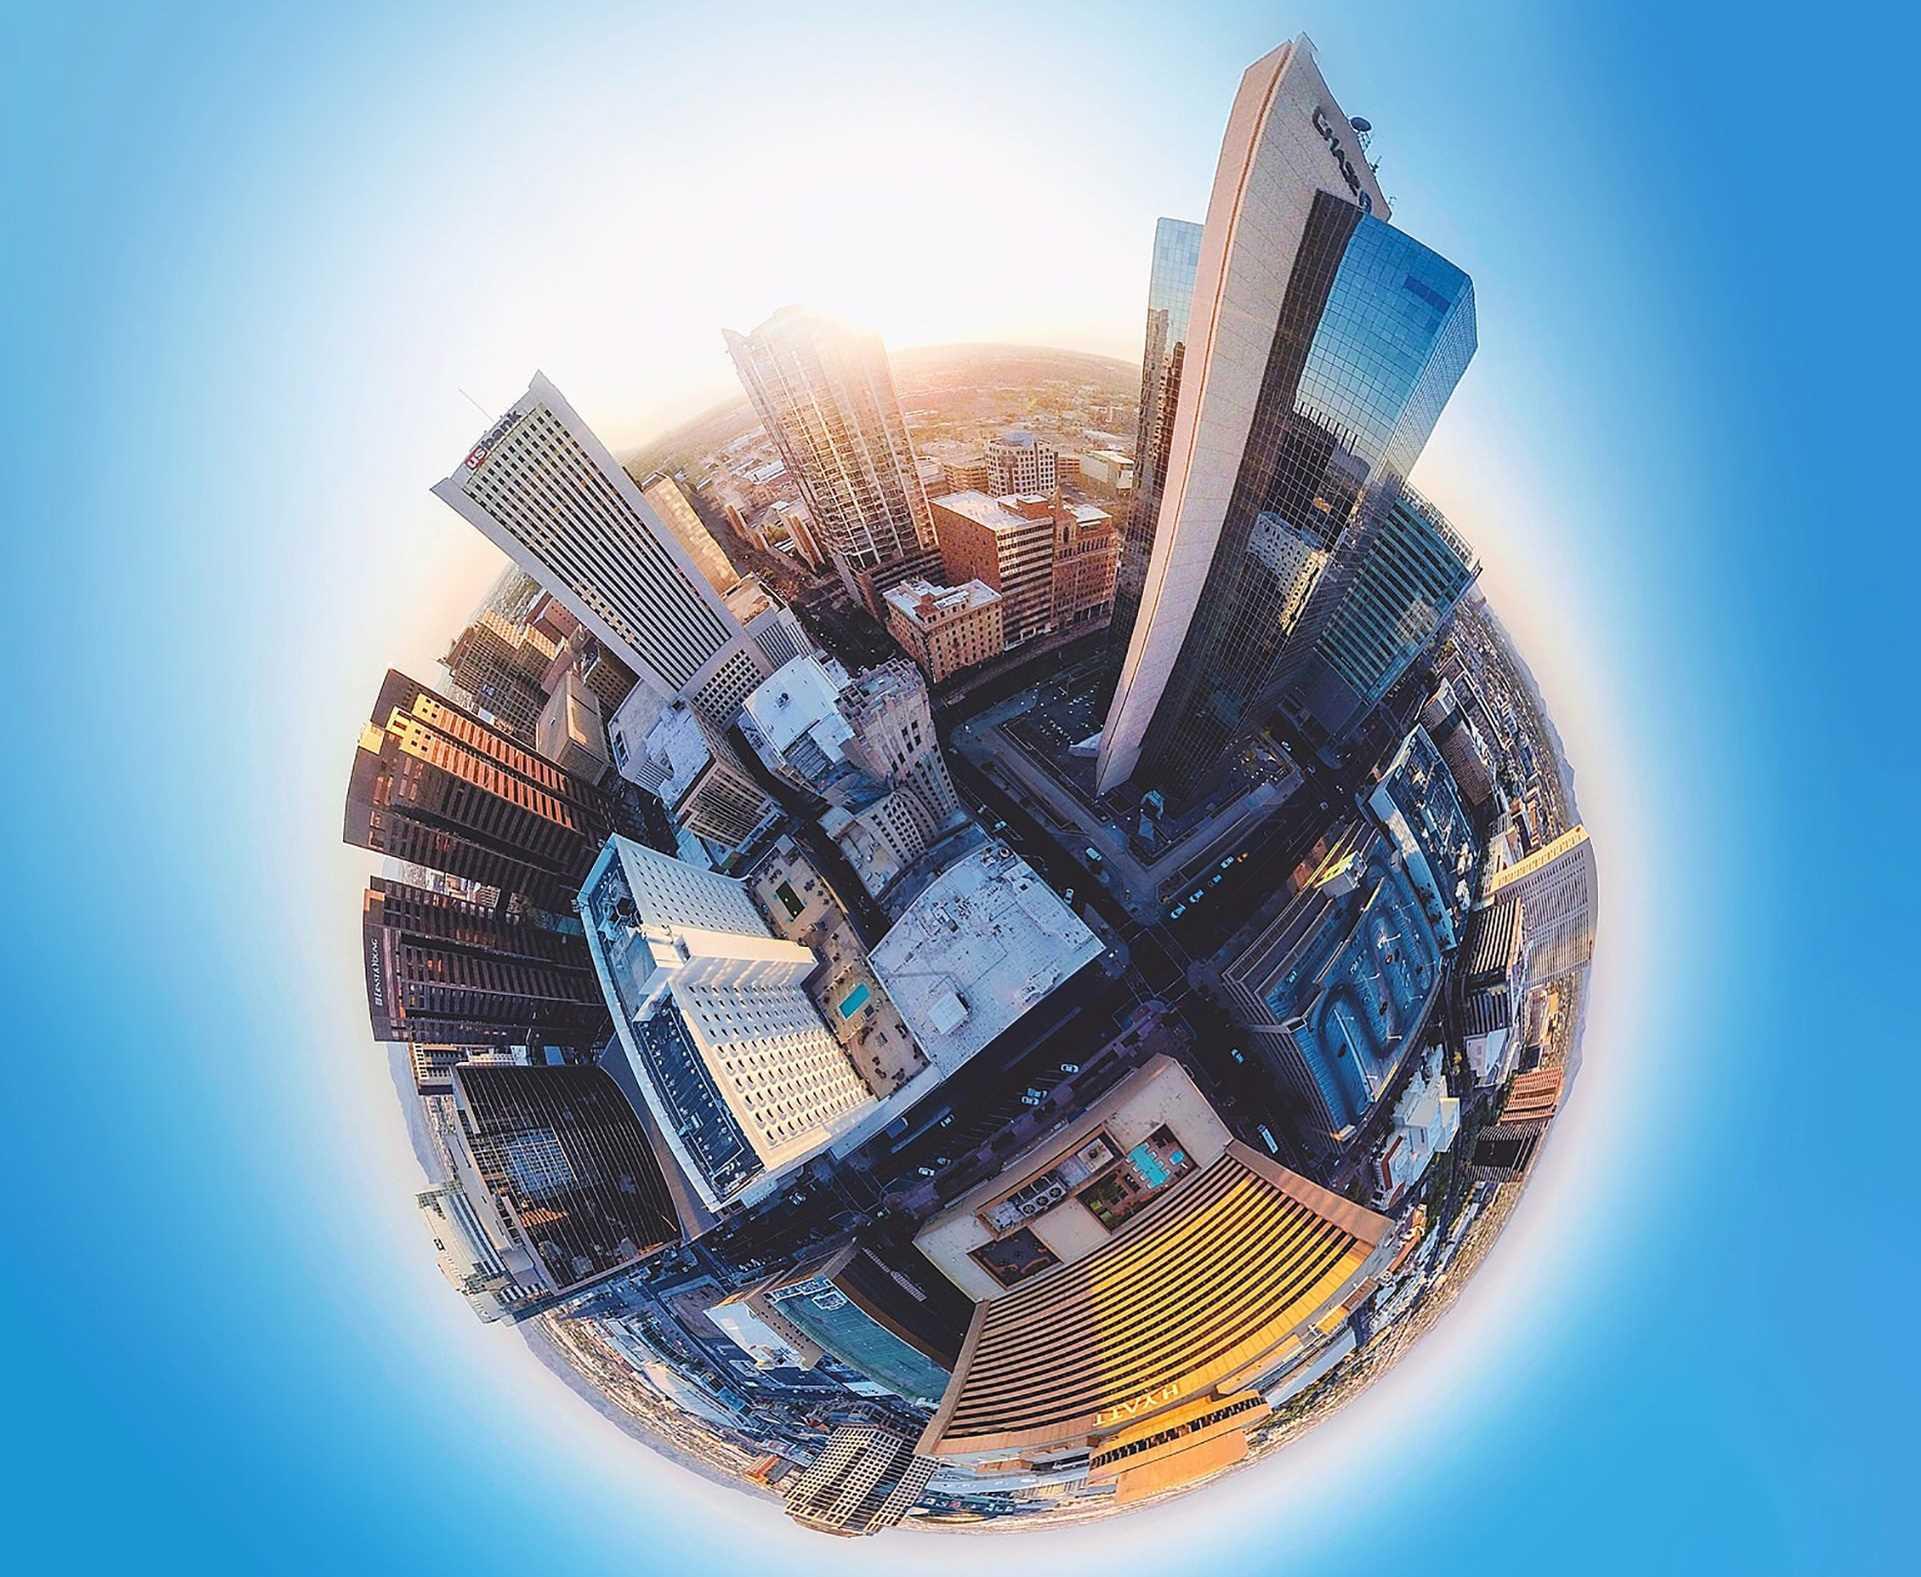 Photo artistique d'un globe avec des gratte-ciels